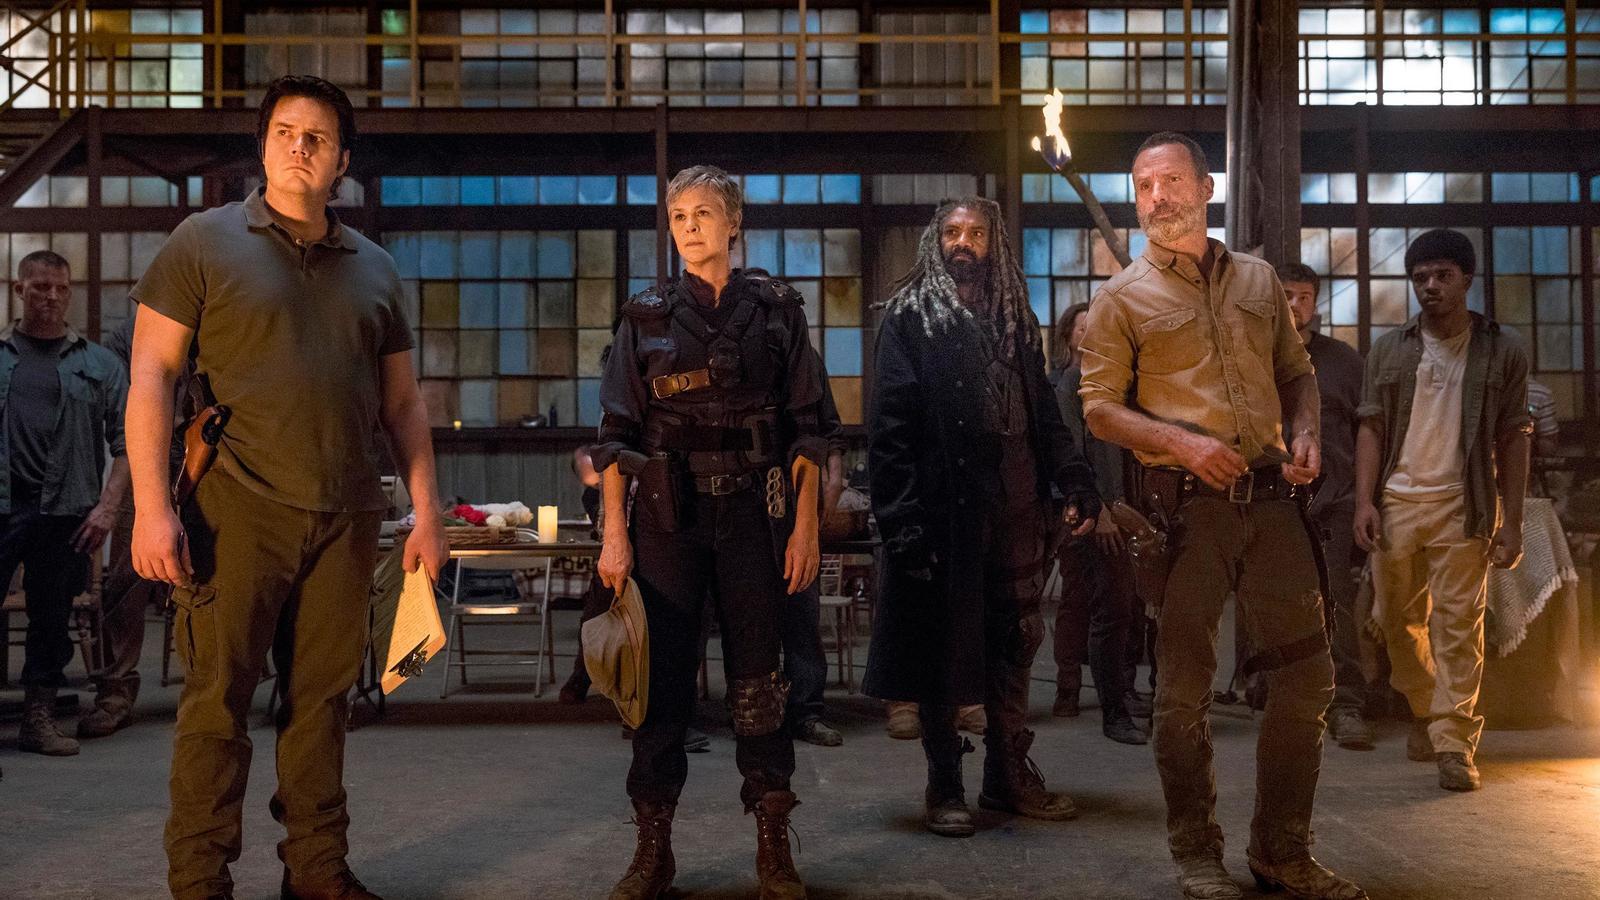 L'AMC vol allargar l'univers de 'The walking dead' deu anys més